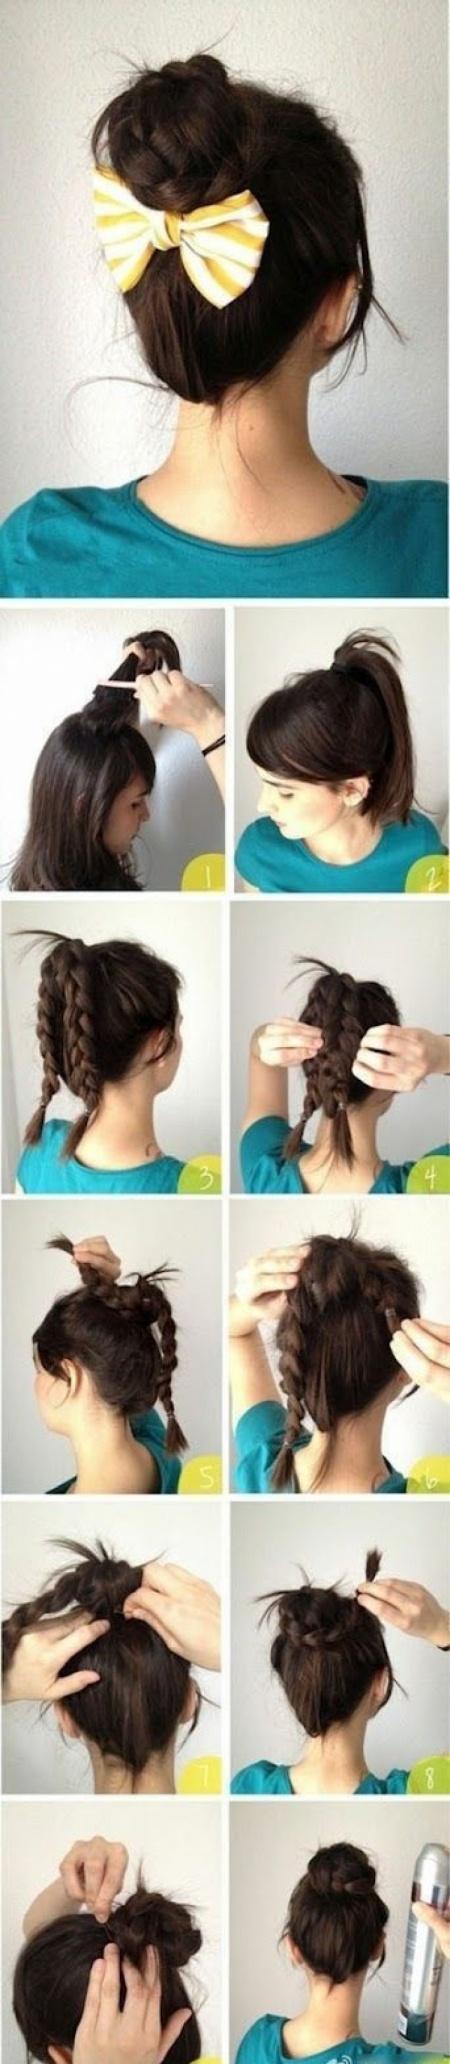 Как из средних волос быстро сделать прическу